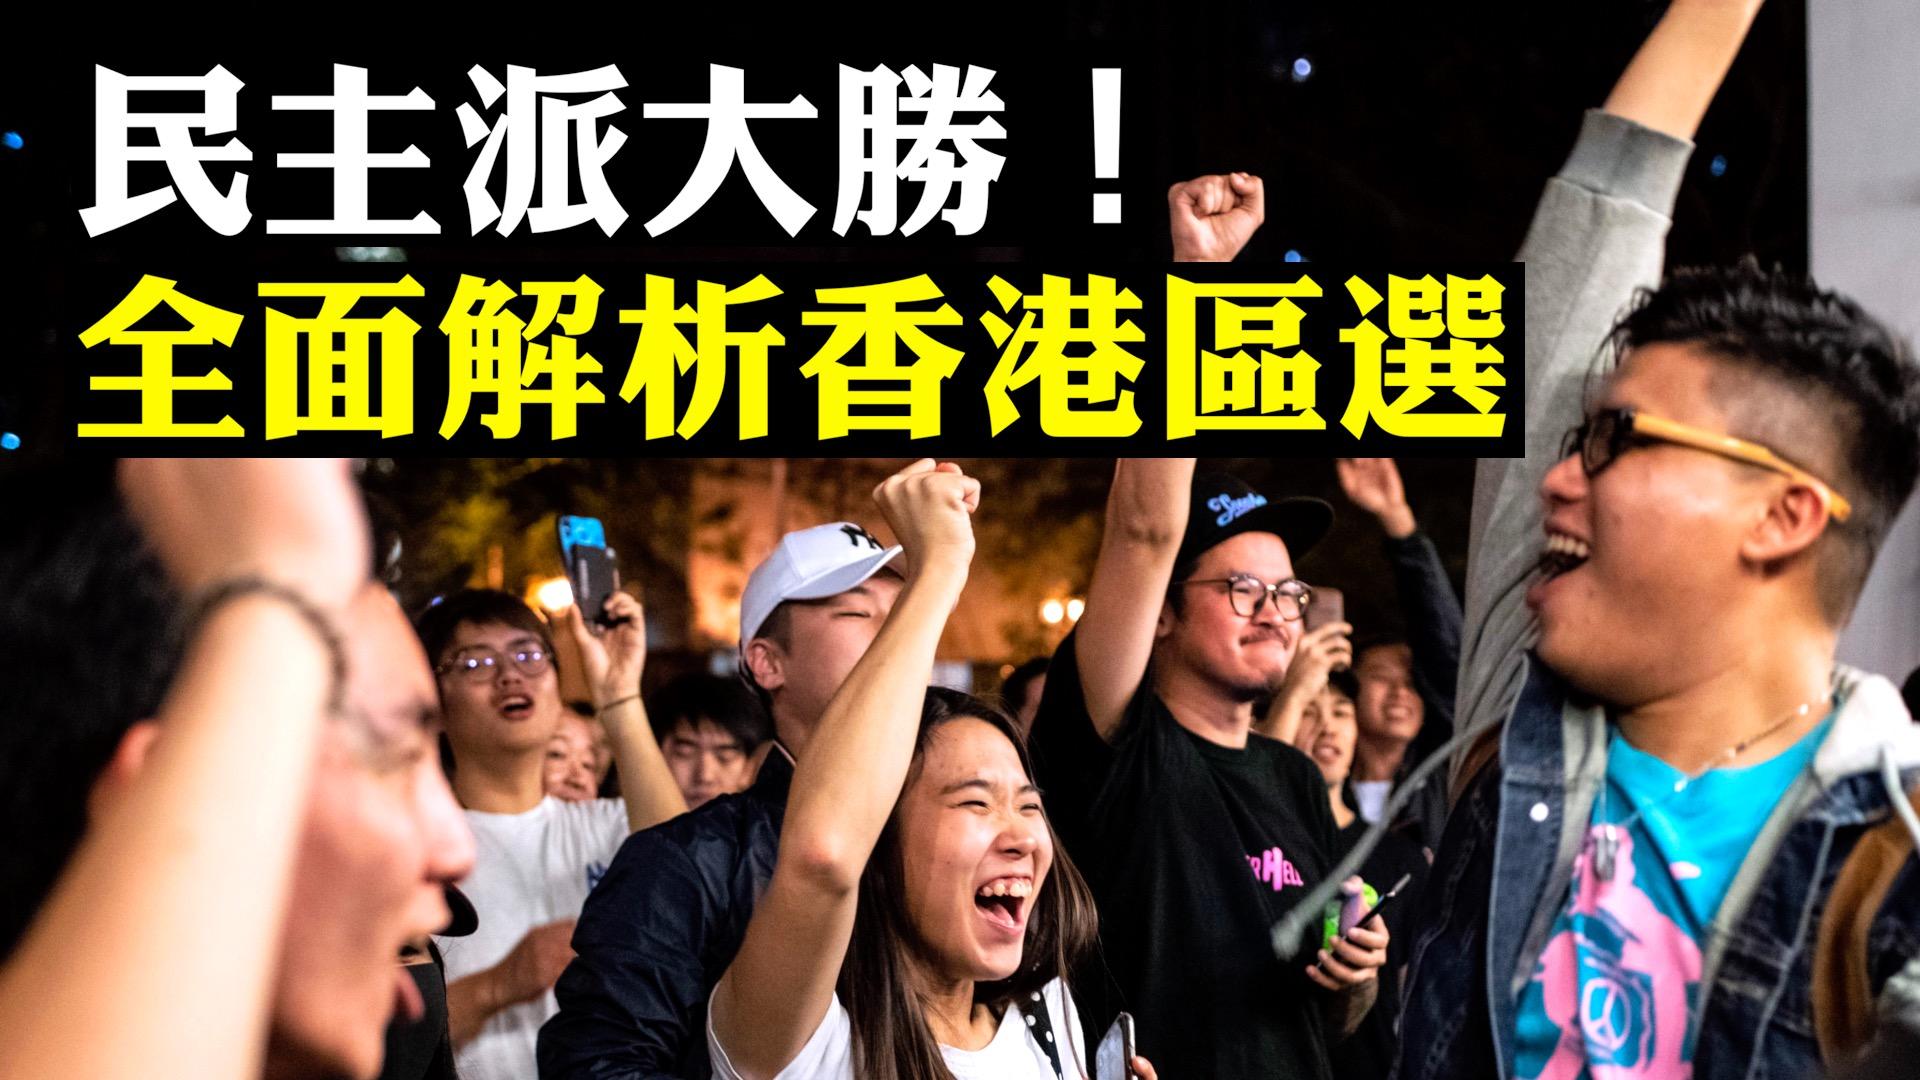 11月24號,香港區議會選舉,全世界都在關注。民主派抗爭人士在選舉前,就喊出「踢走建制派」,「血債票還」等口號,現在已經可以說基本達到目的。(新唐人合成)